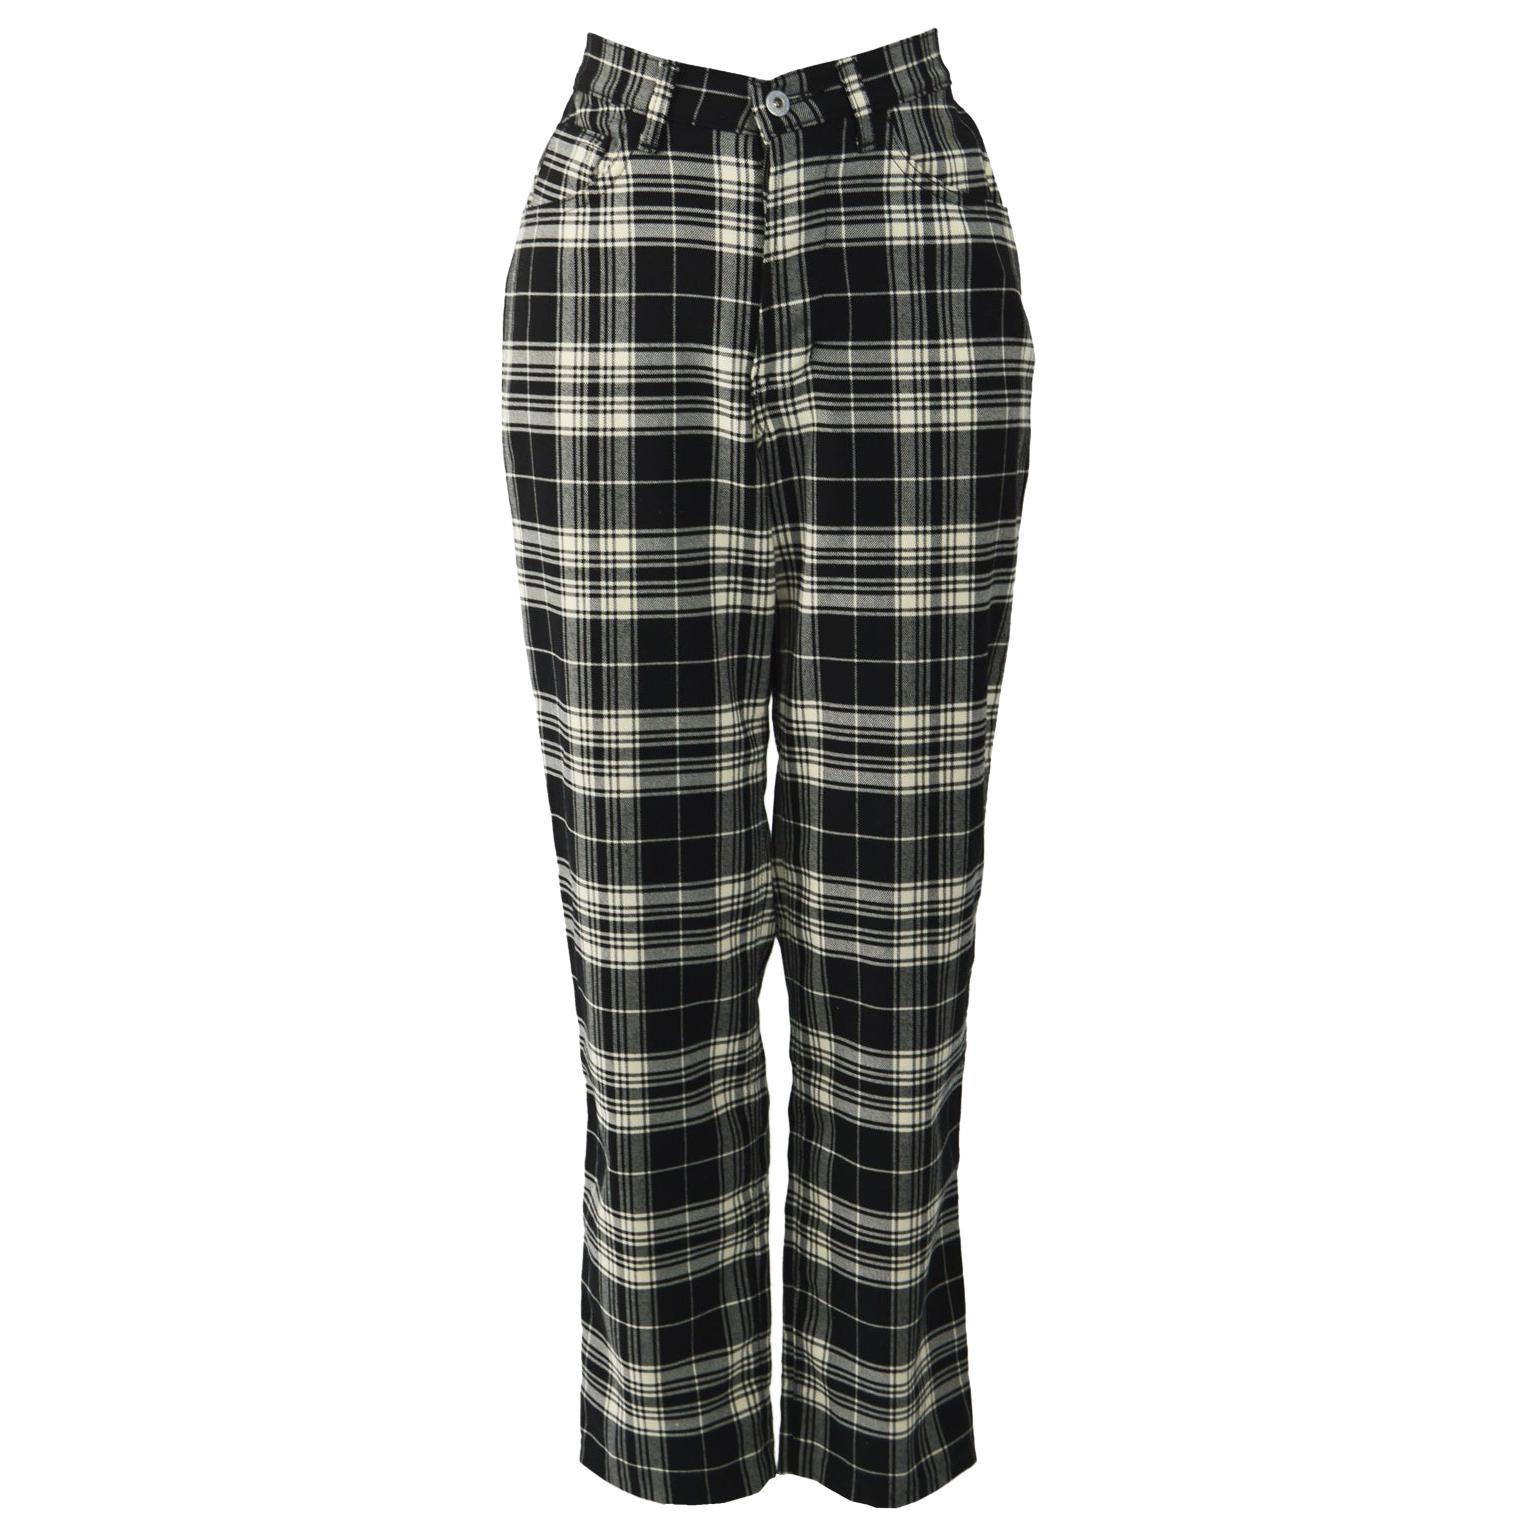 Joseph Vintage Black & White Check Trousers Pants